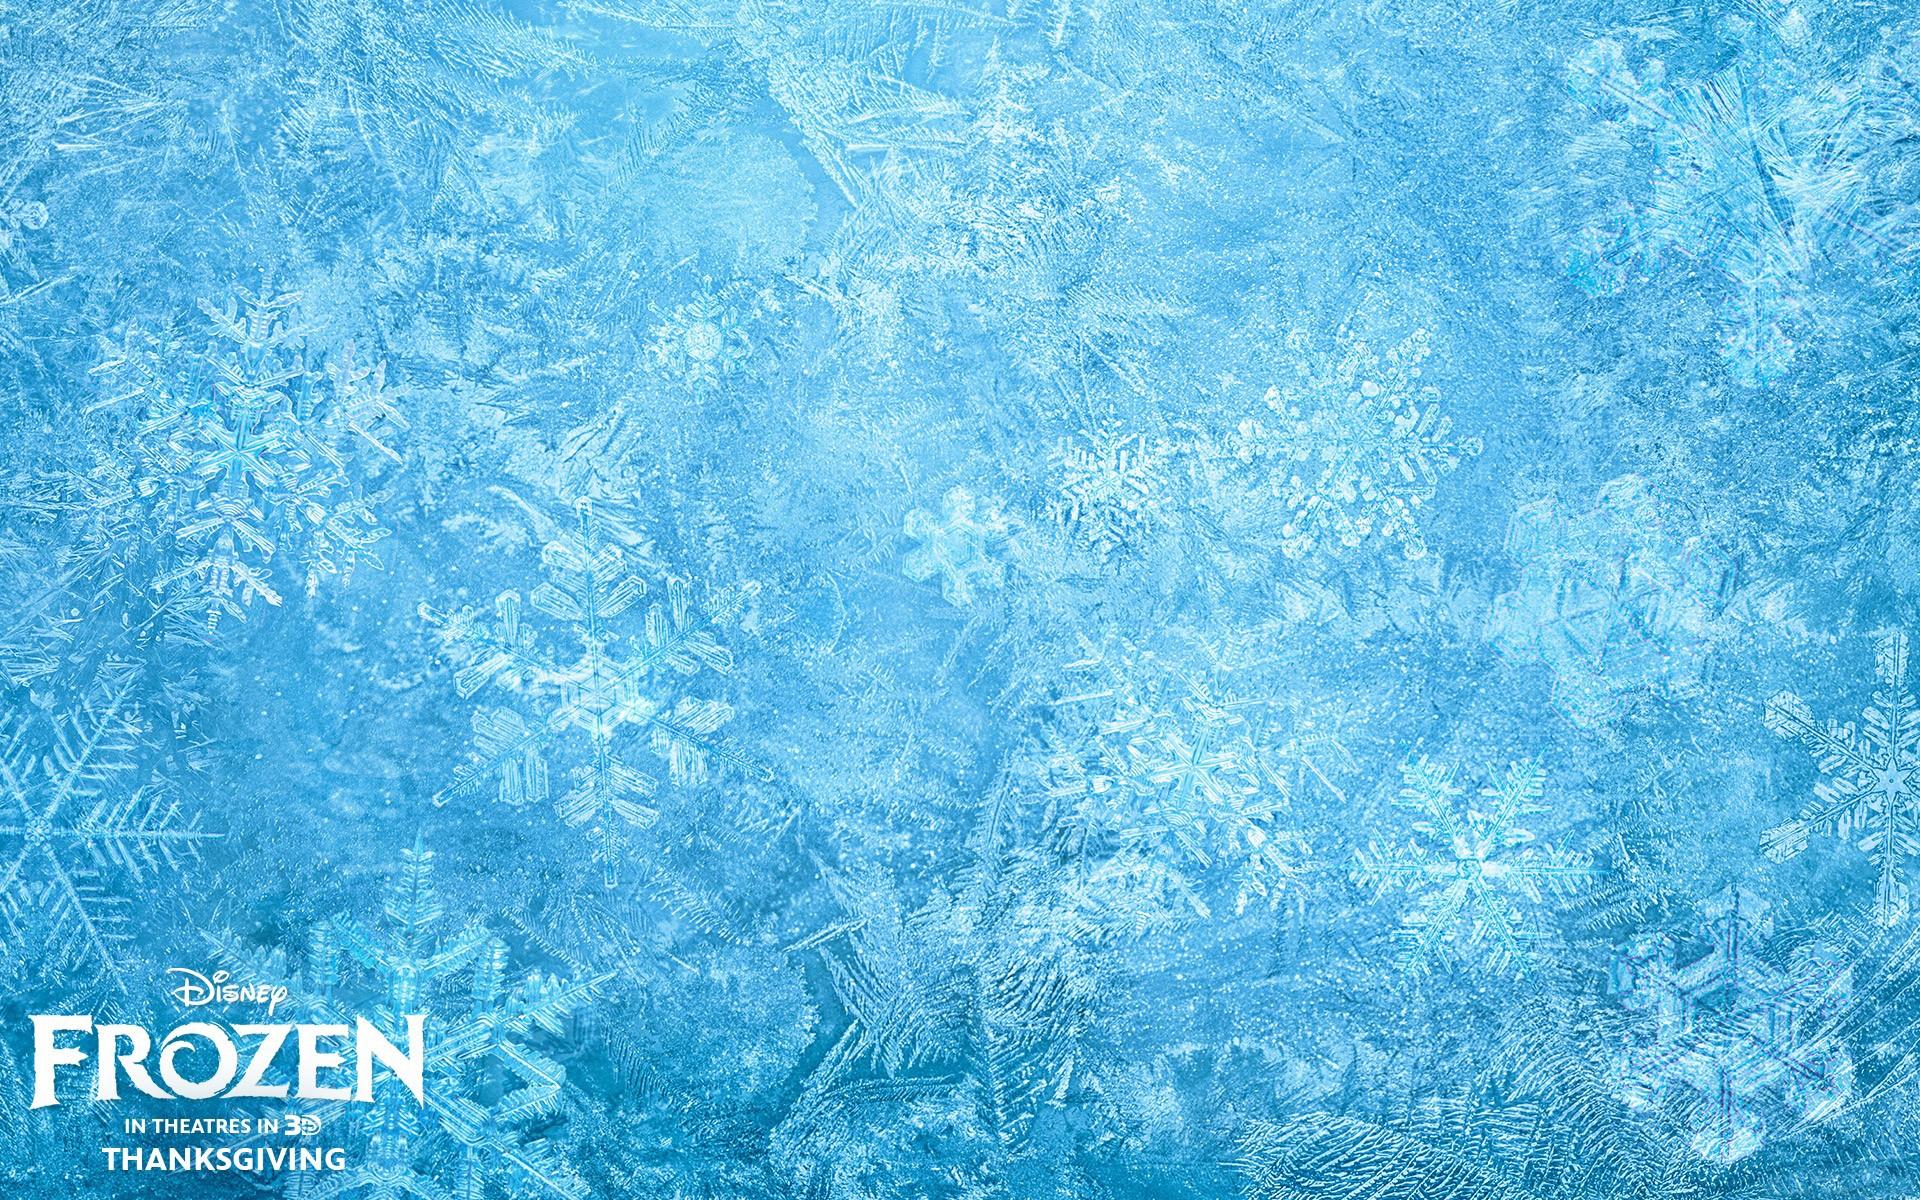 ice wallpaper 4k